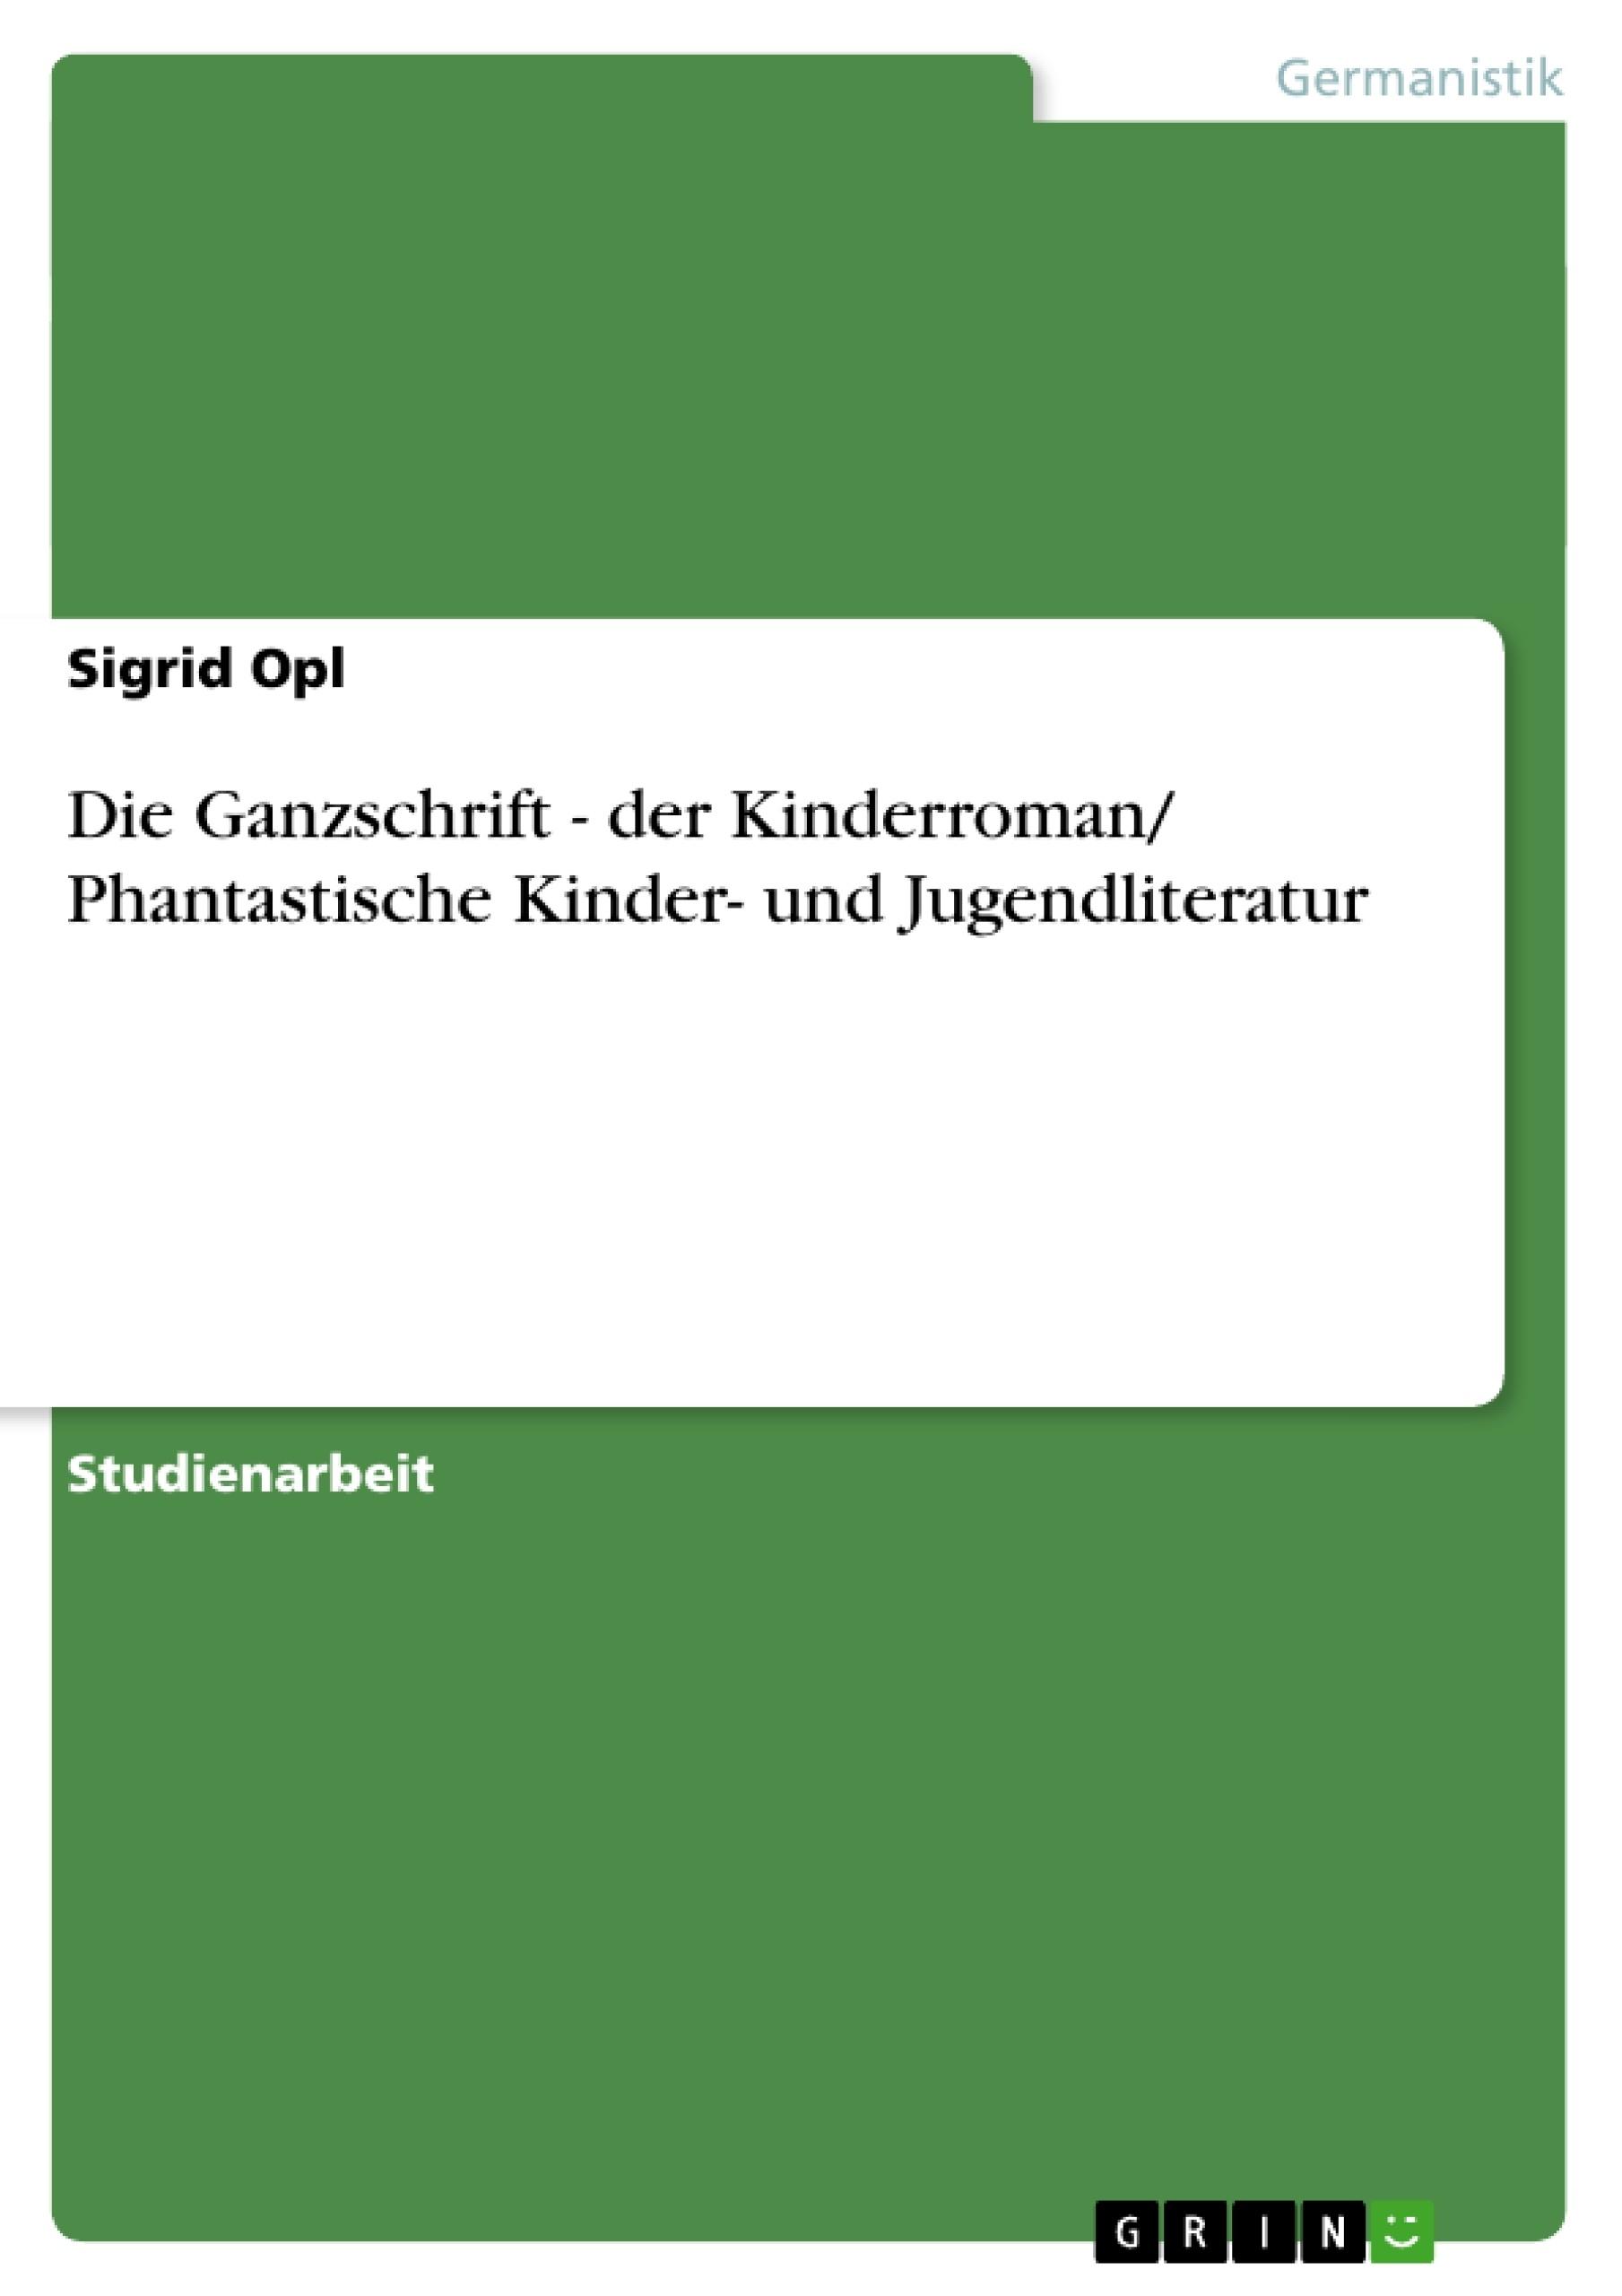 Titel: Die Ganzschrift - der Kinderroman/ Phantastische Kinder- und Jugendliteratur